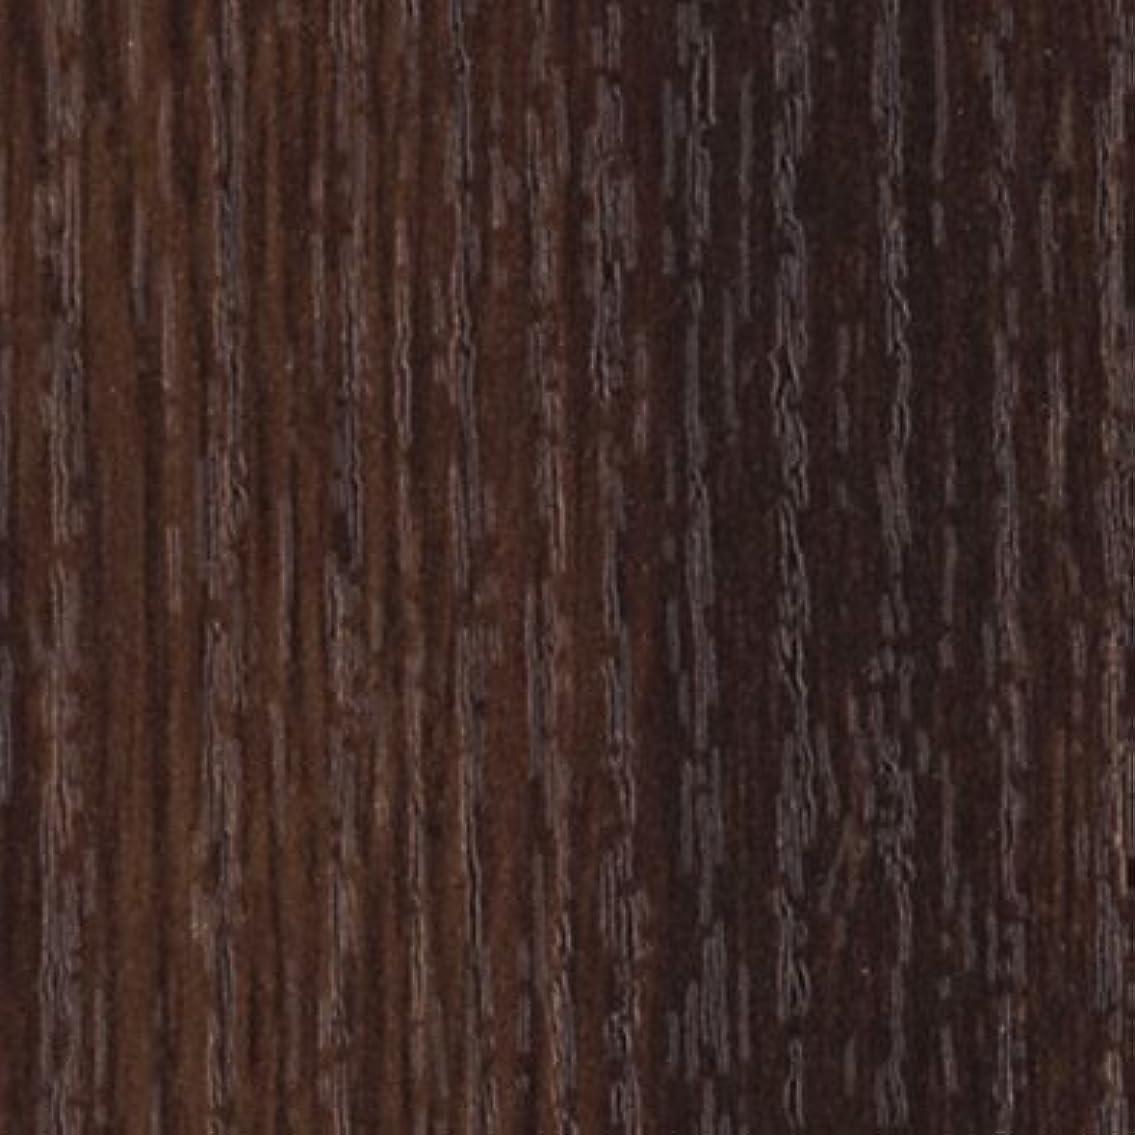 平和な傘熱帯の耐摩耗化粧合板 アイカマーレスボードBB(木目) BB-534H 3x8 オーク プランクト